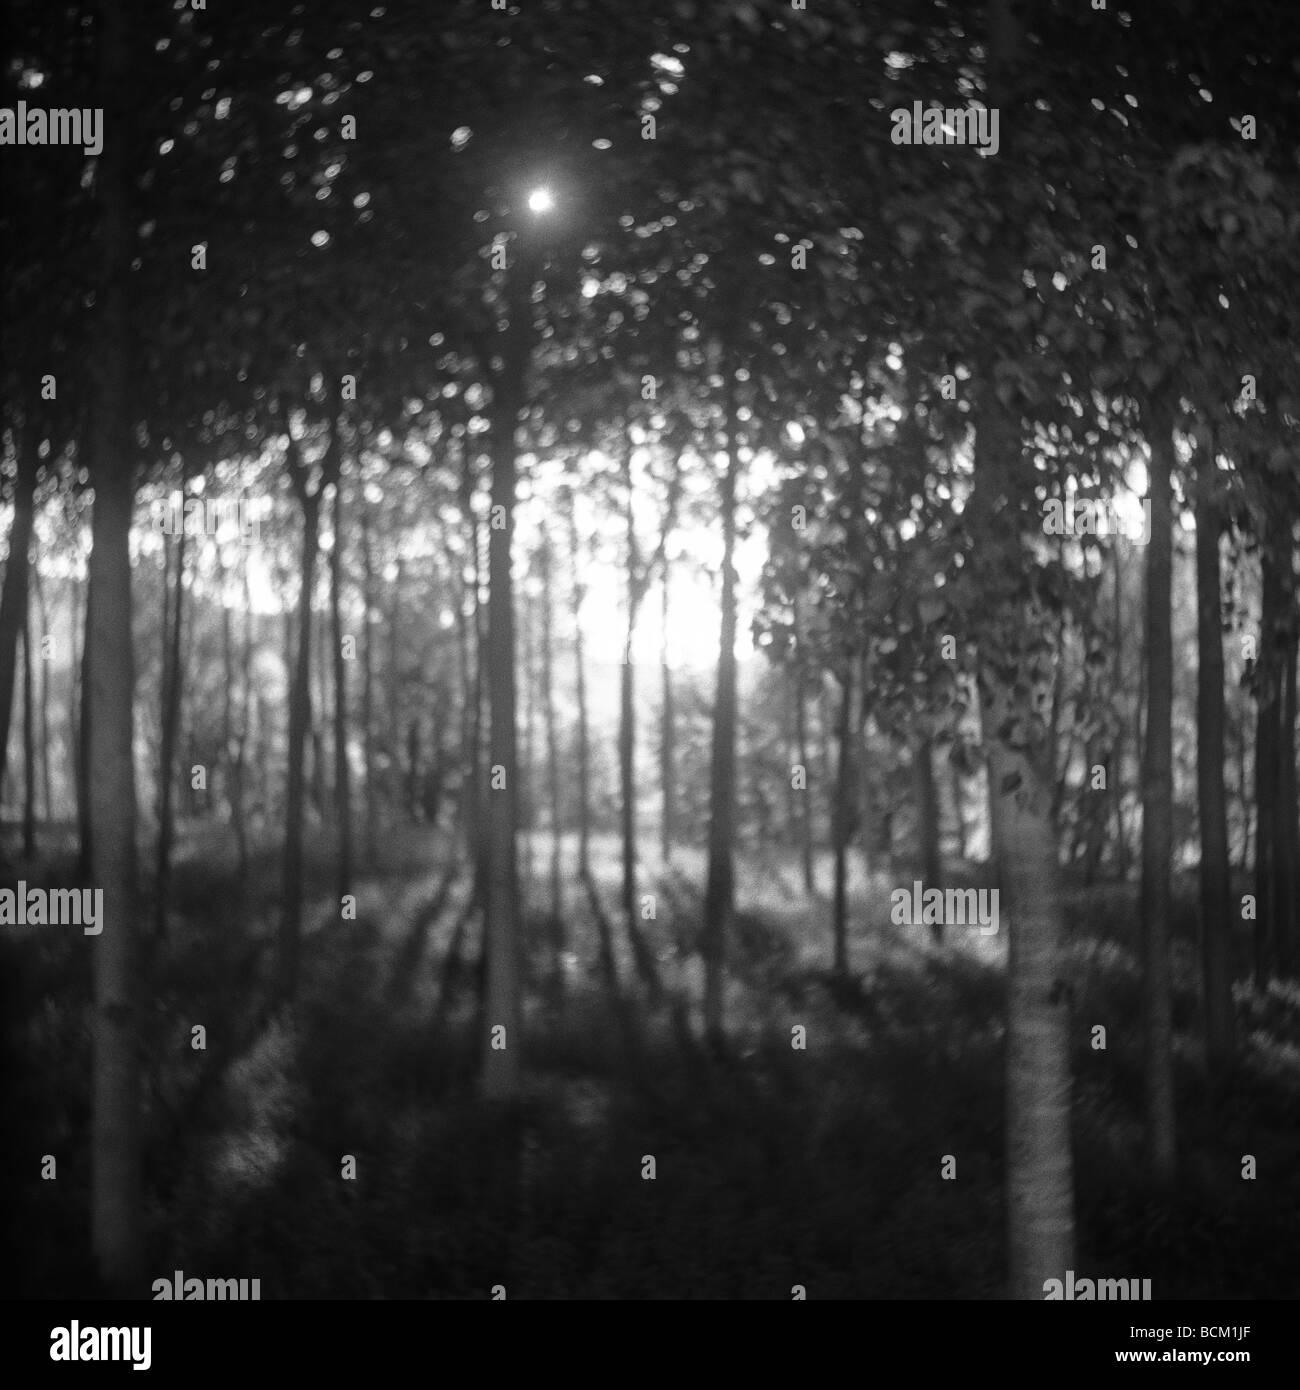 La luz del sol brillando a través de bosques, en blanco y negro Foto de stock